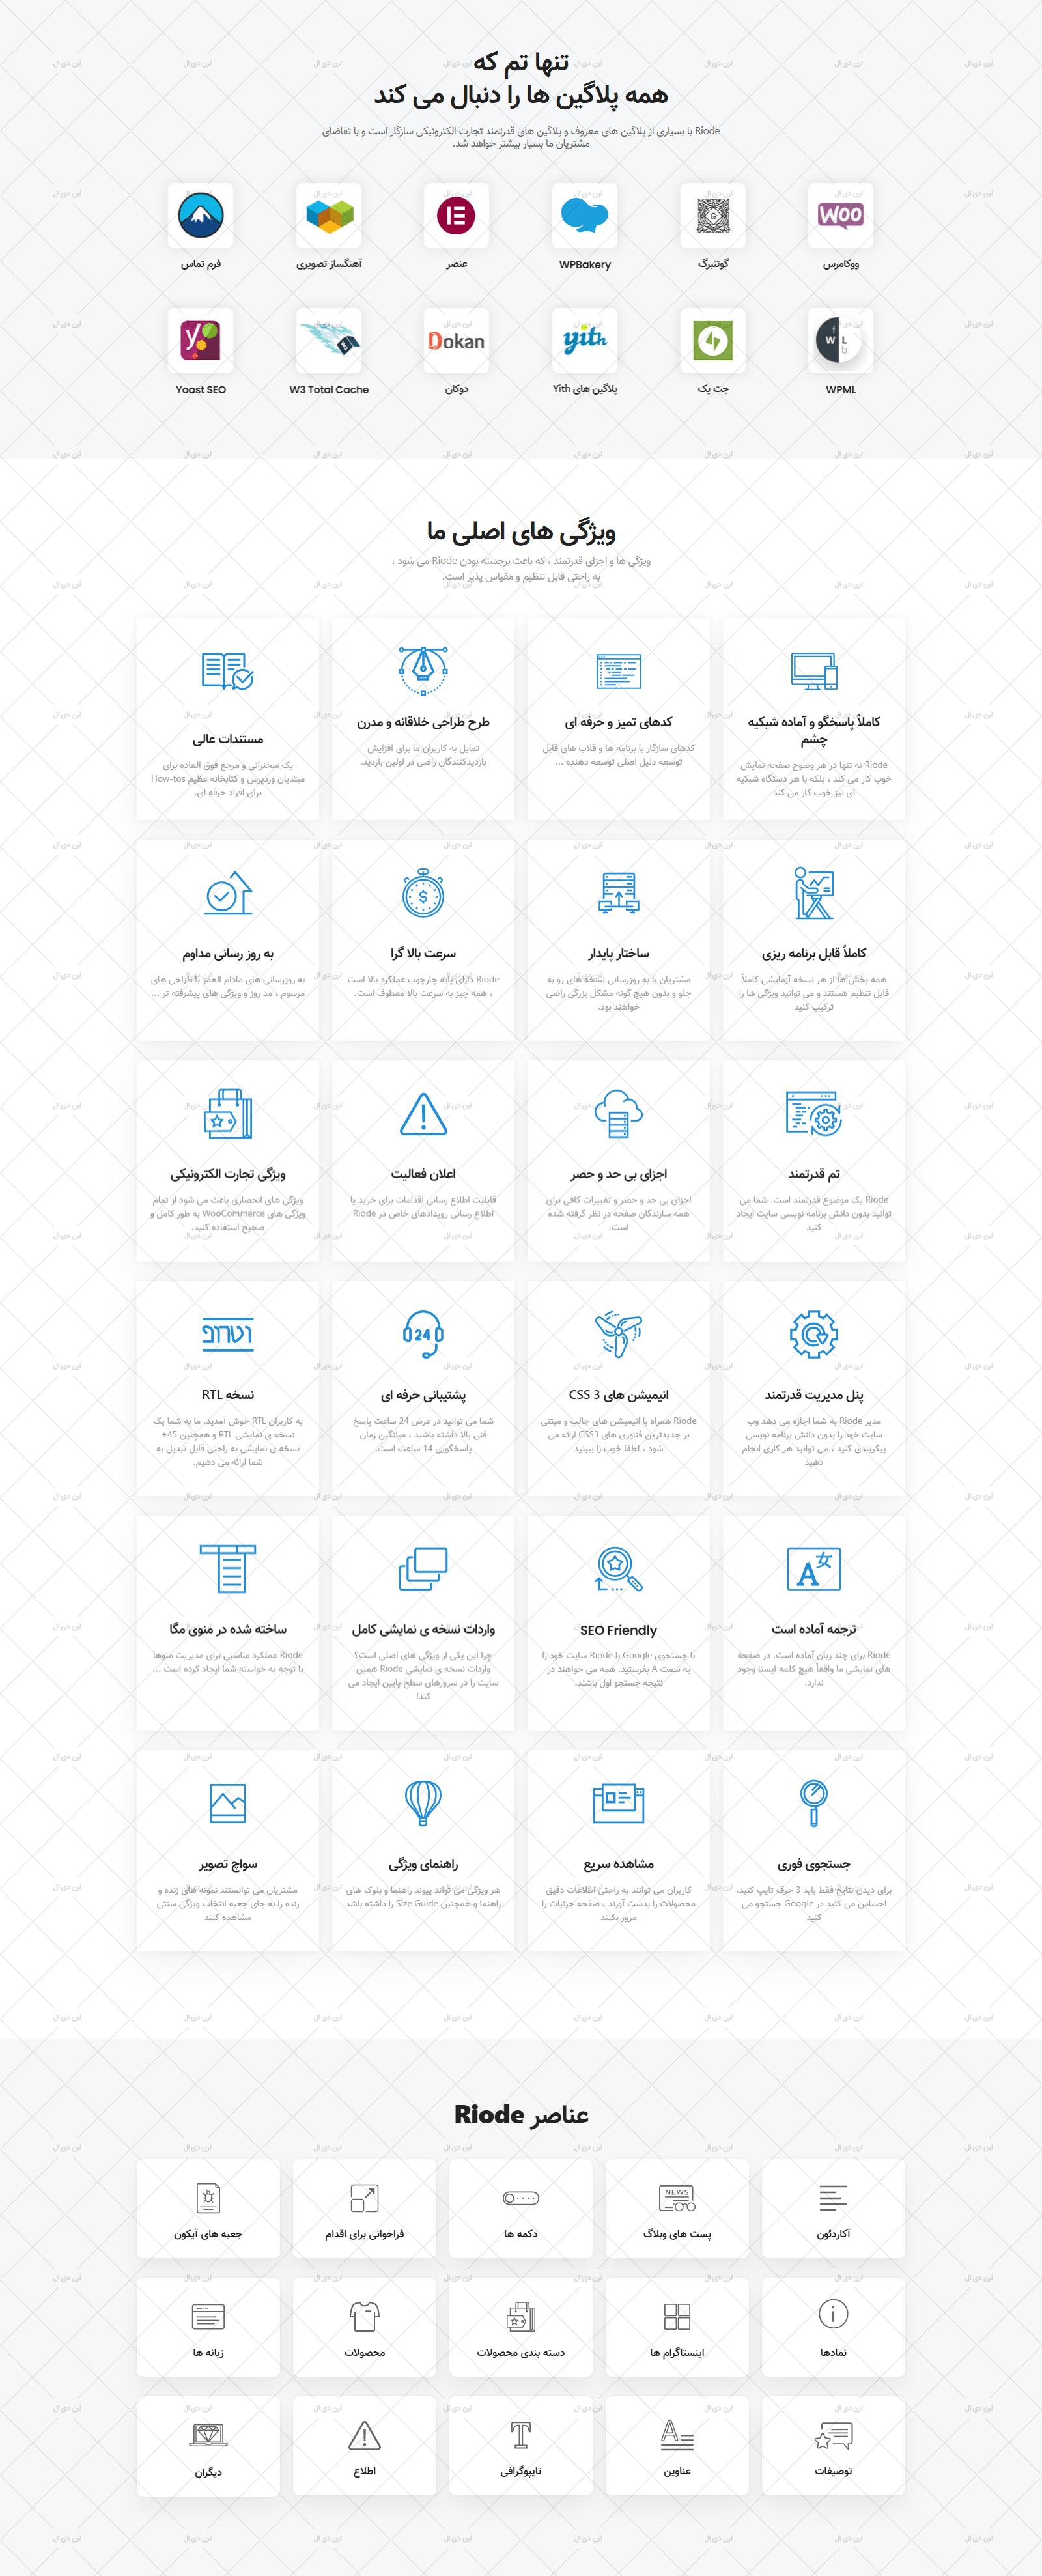 ویژگی های قالب Riode برای سایت هیا فروشگاهی بزرگ و کوجک